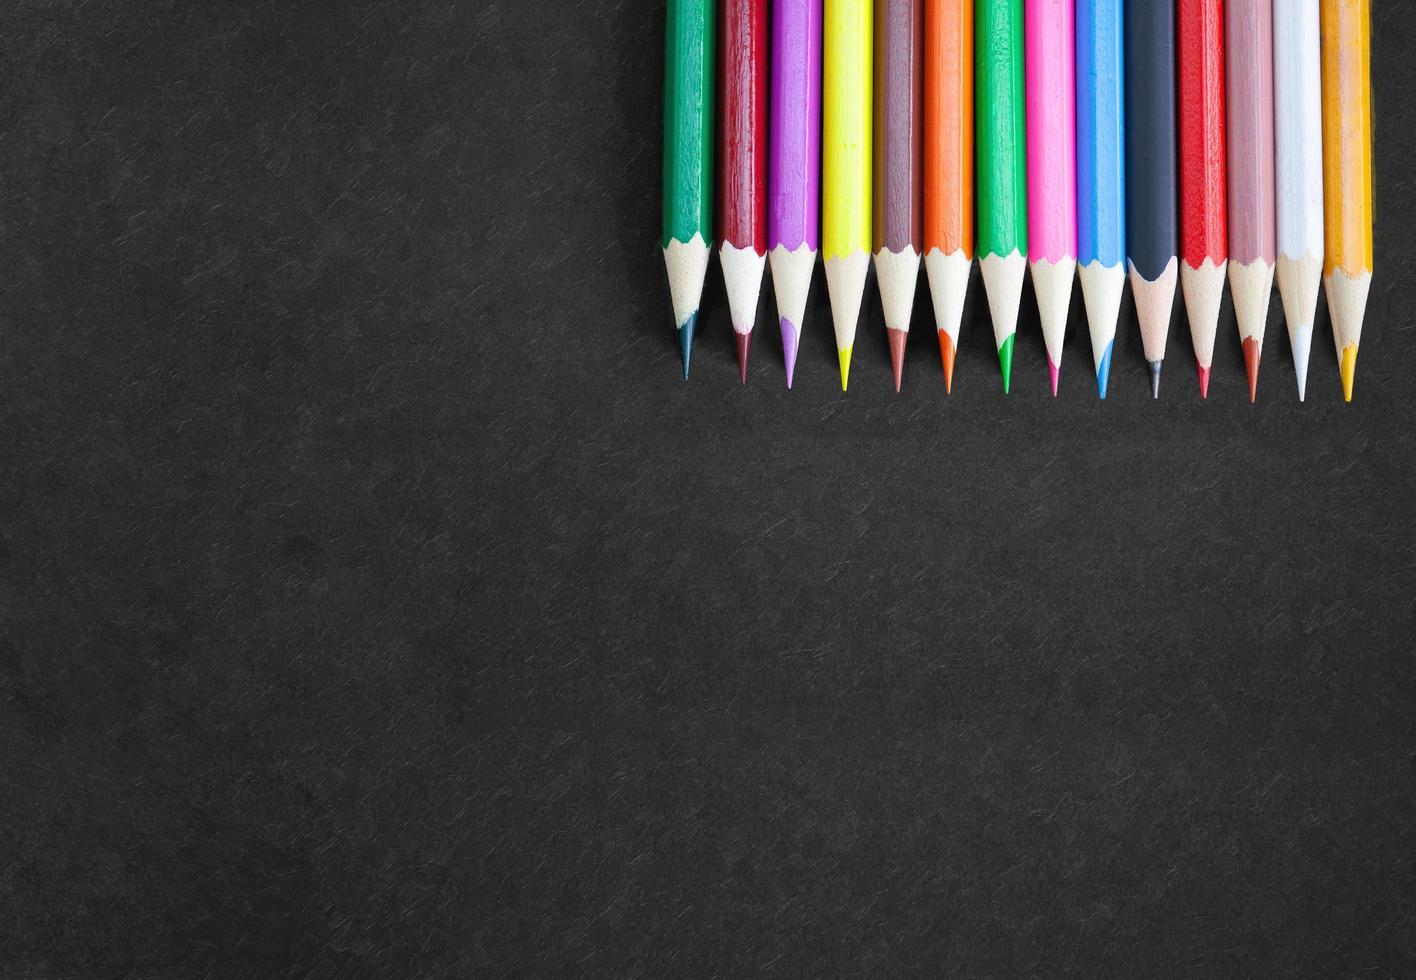 concept de bannière de dessin, crayons colorés dans le coin supérieur droit sur toile noire avec texture. photo